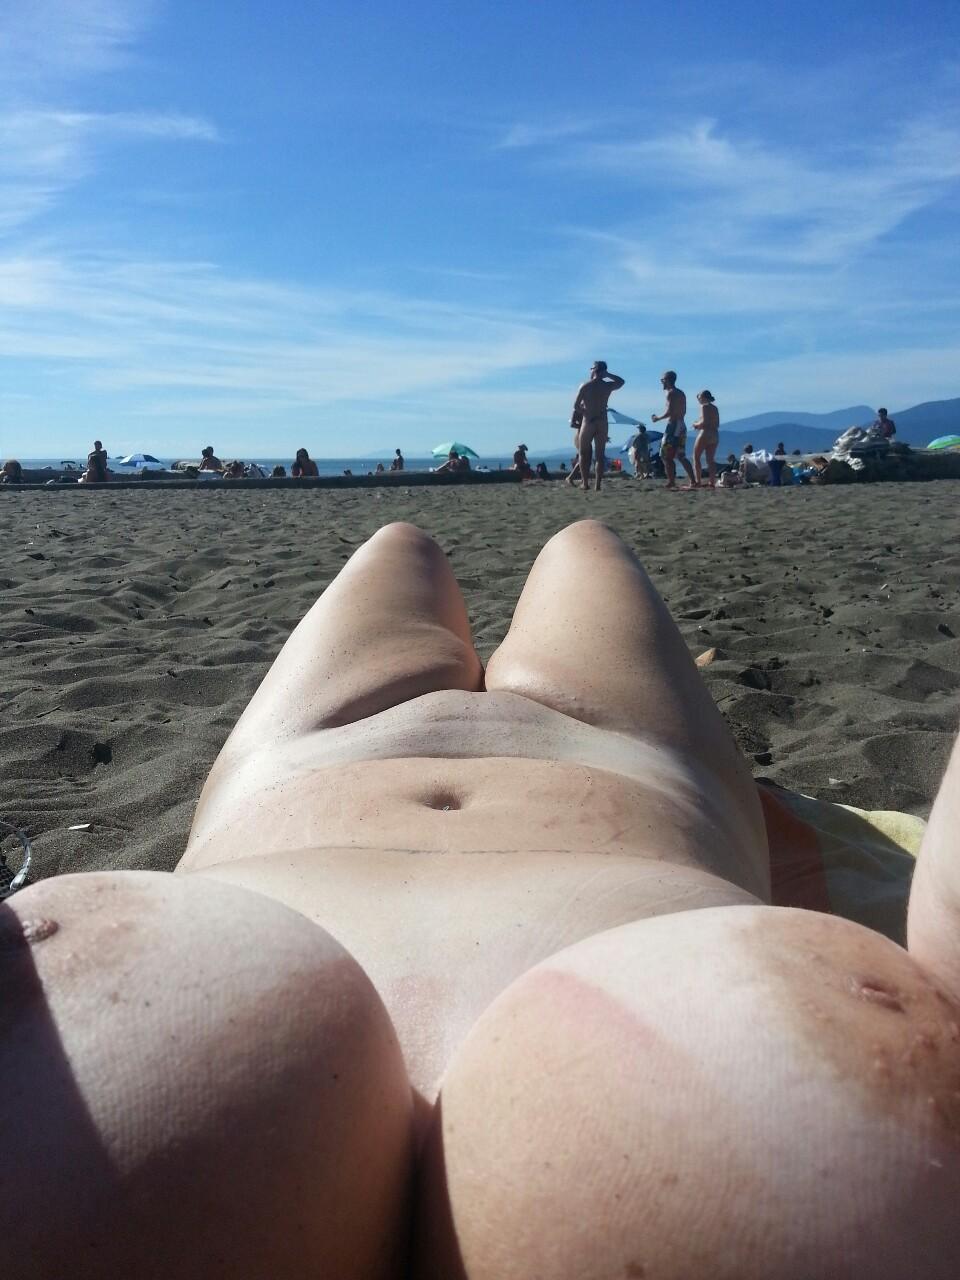 【海外エロ画像】即ヤれそうwヌーディストビーチの全裸で寝る人々www 09